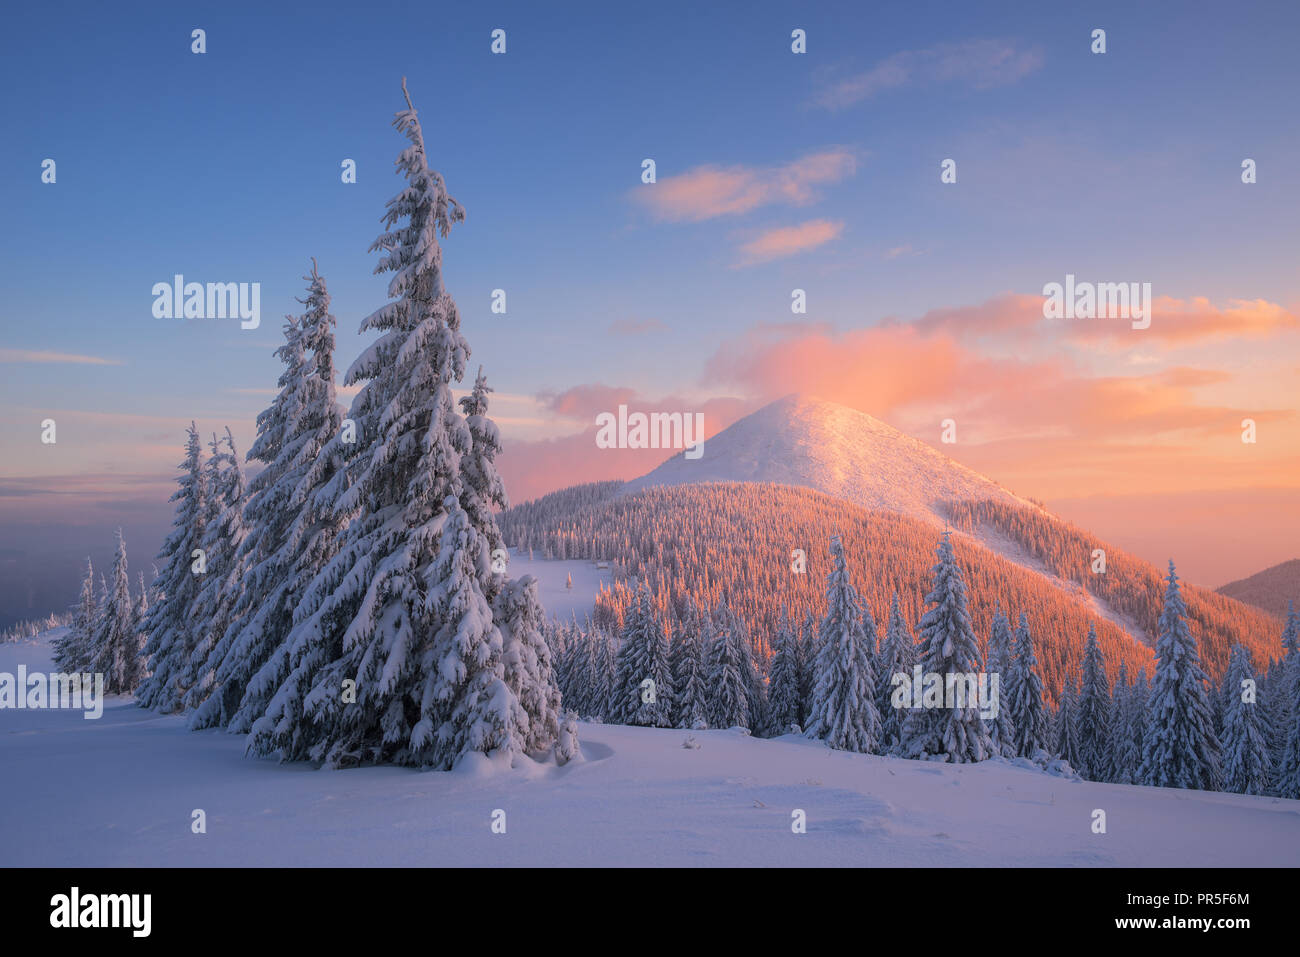 Weihnachten Landschaft mit Tannen im Schnee. Winter in den Bergen ...